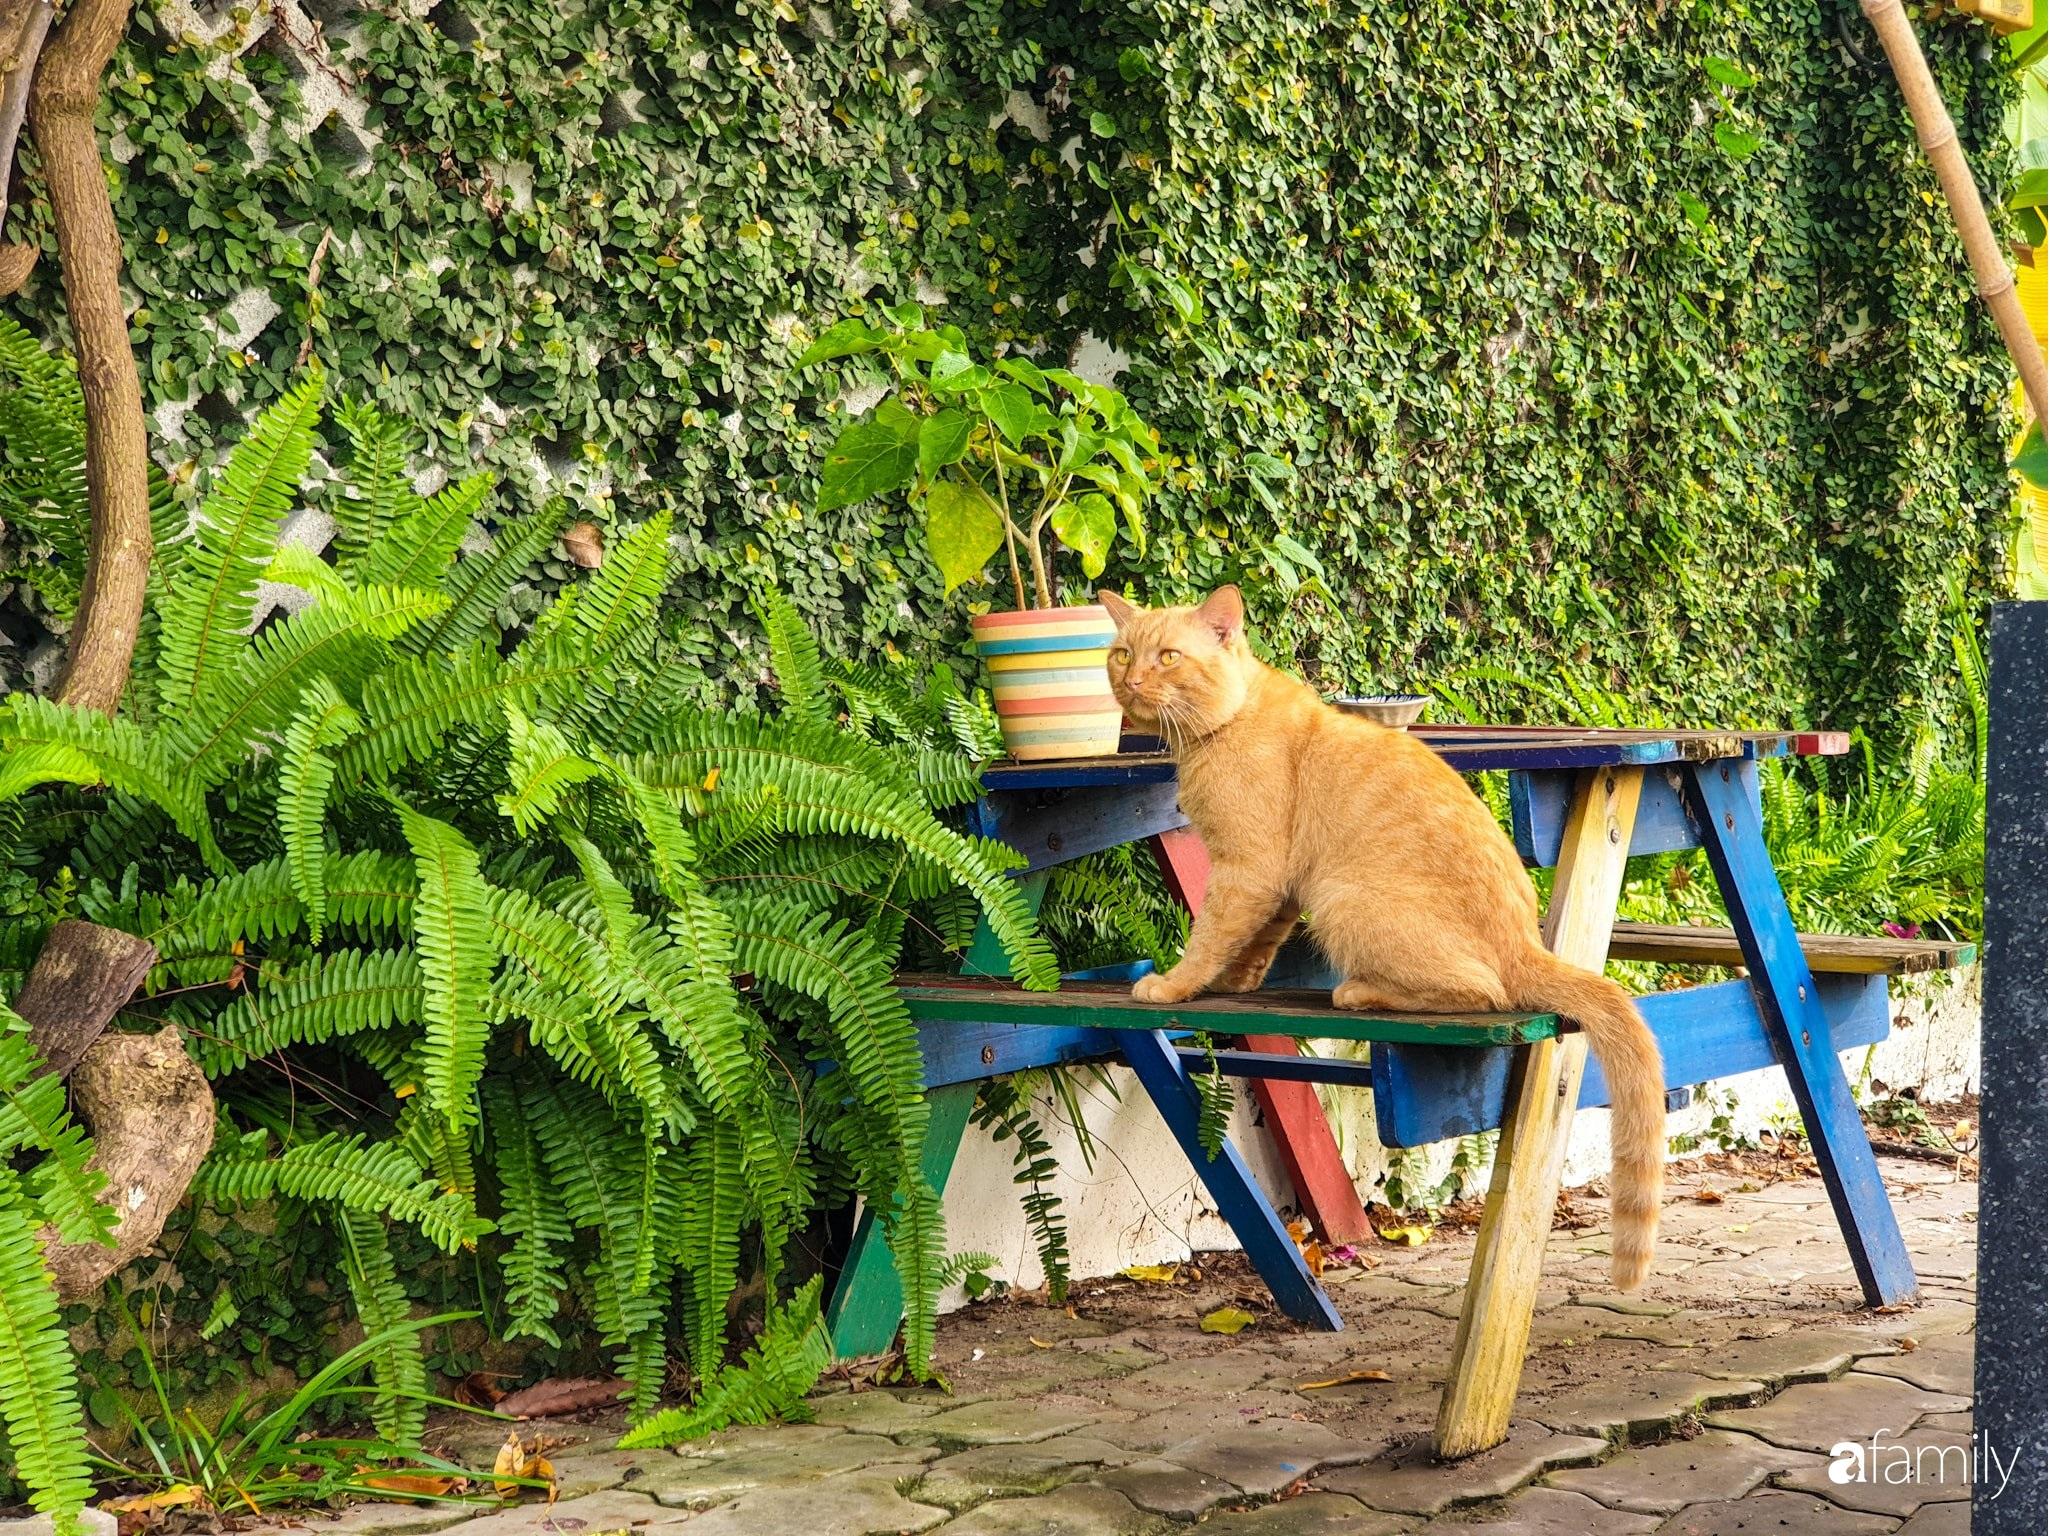 Khu vườn trước nhà xanh mát bóng cây và hoa của anh chàng dành cả thanh xuân để chăm sóc thú cưng - Ảnh 12.